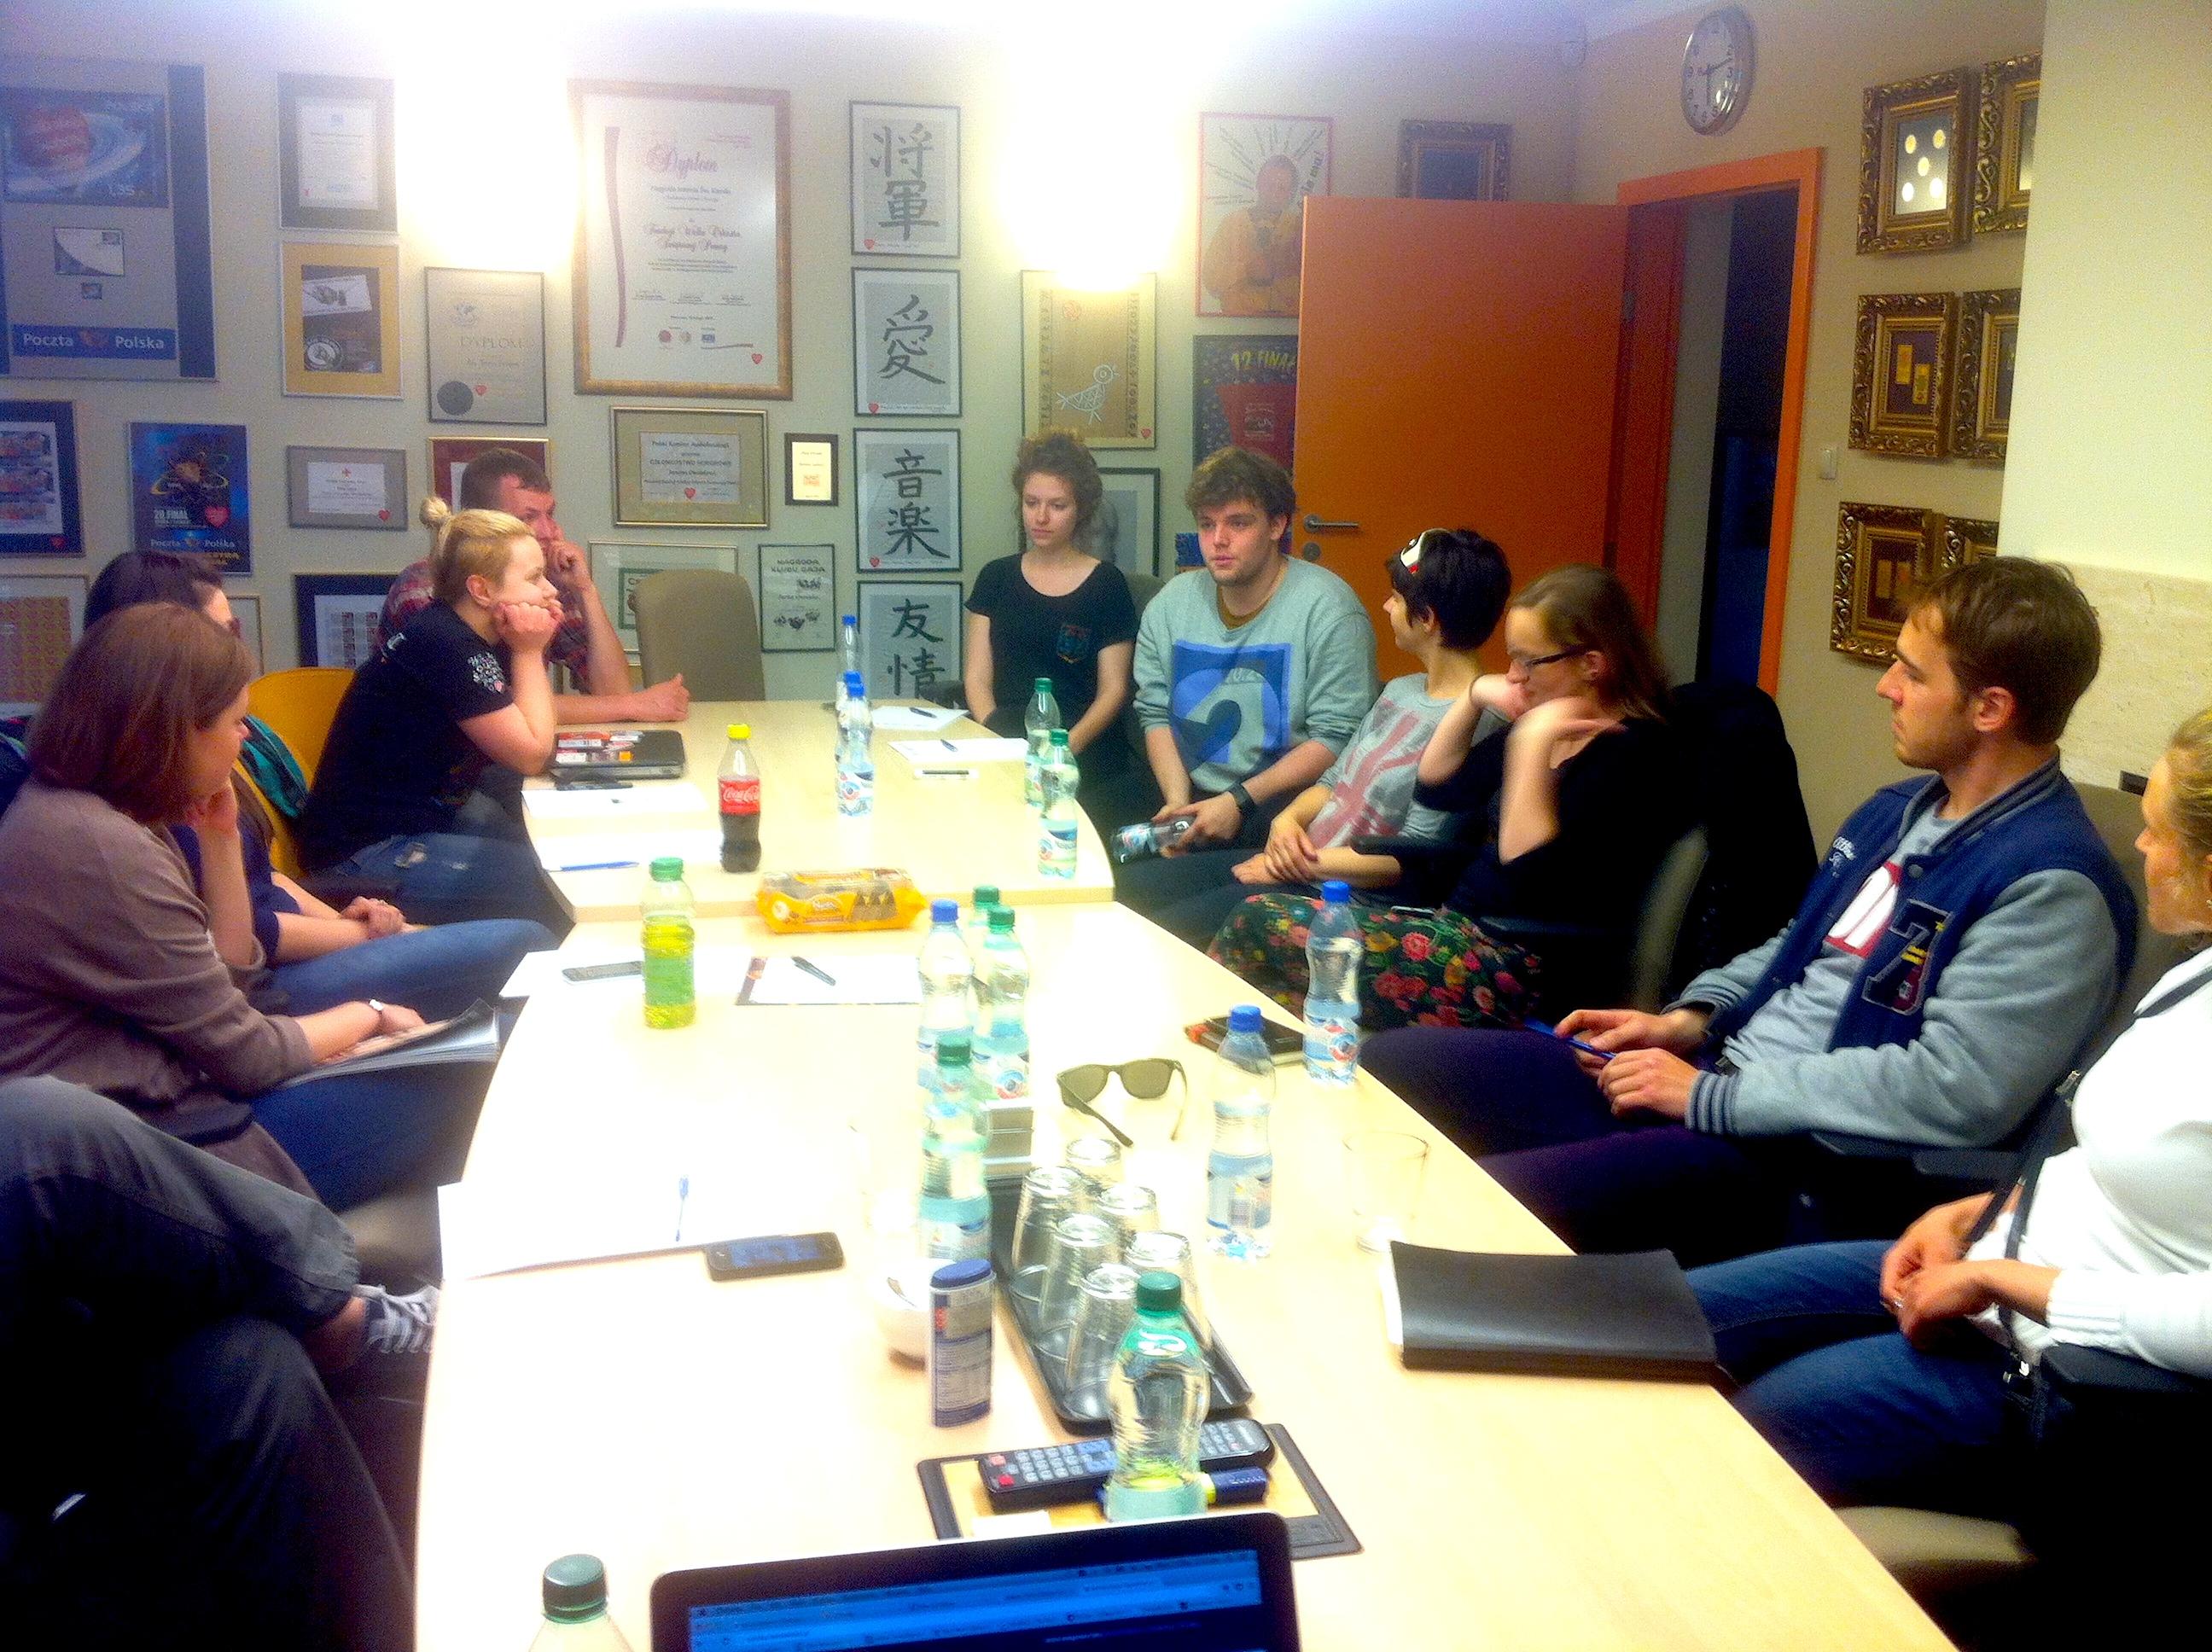 Dobra Strona Internetu – drugie spotkanie – #DSI2 – relacja na żywo!